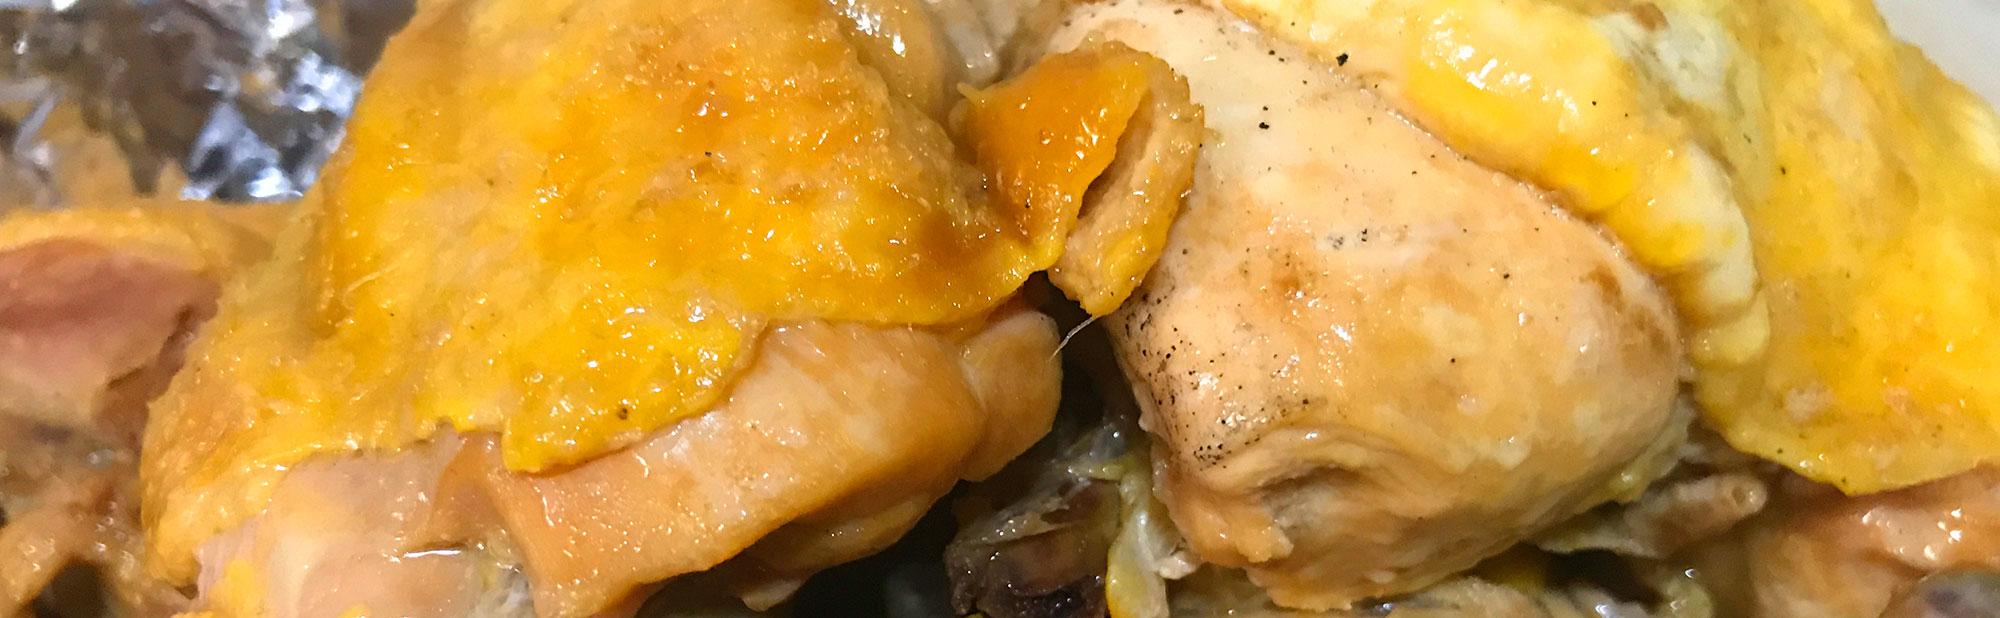 La Antojadera | Carnitas de Pollo